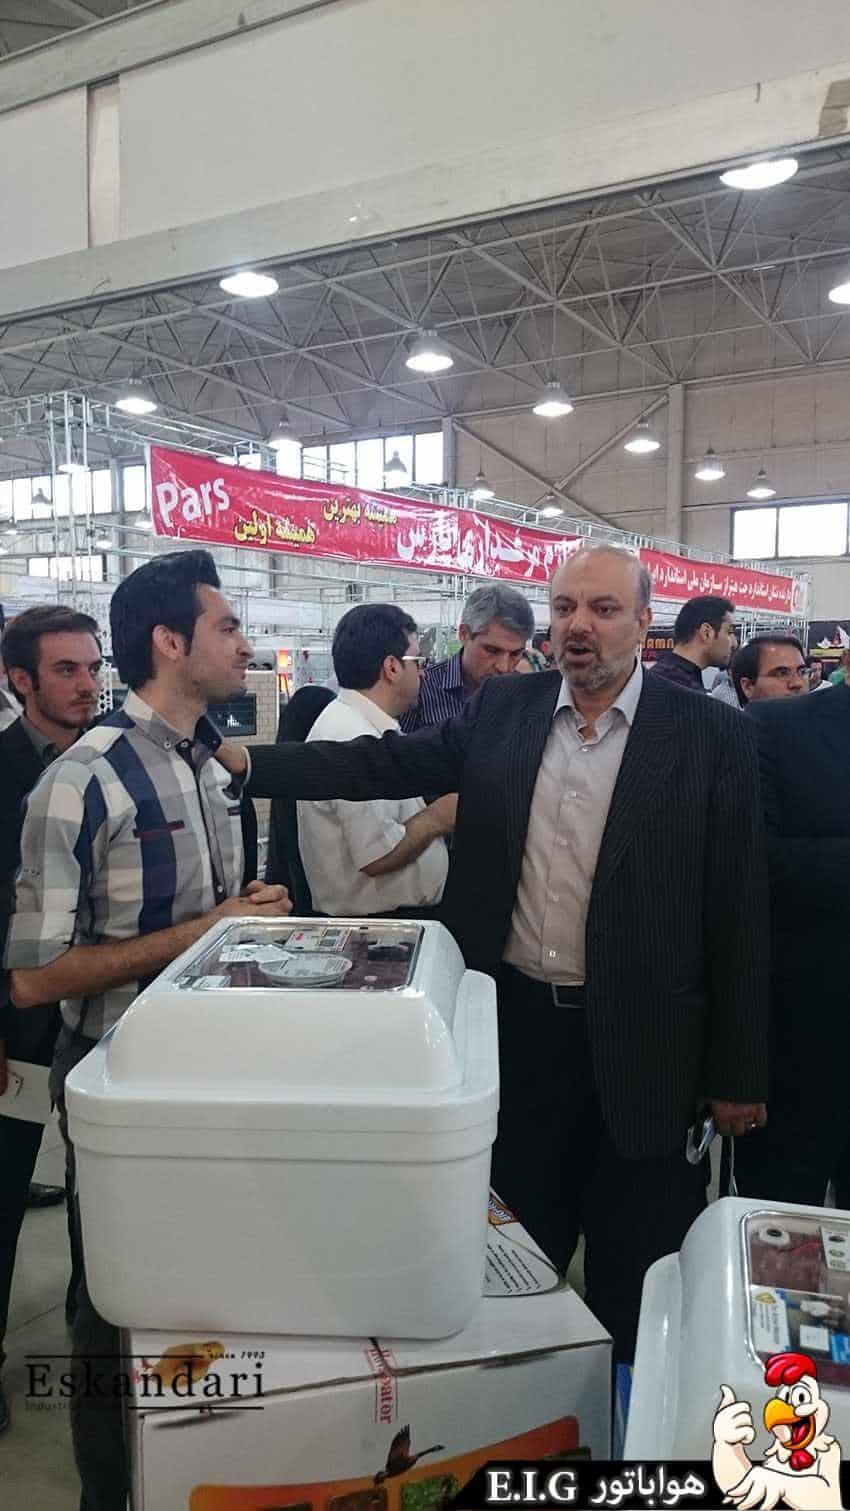 نمایشگاه جوجه کشی در تبریز